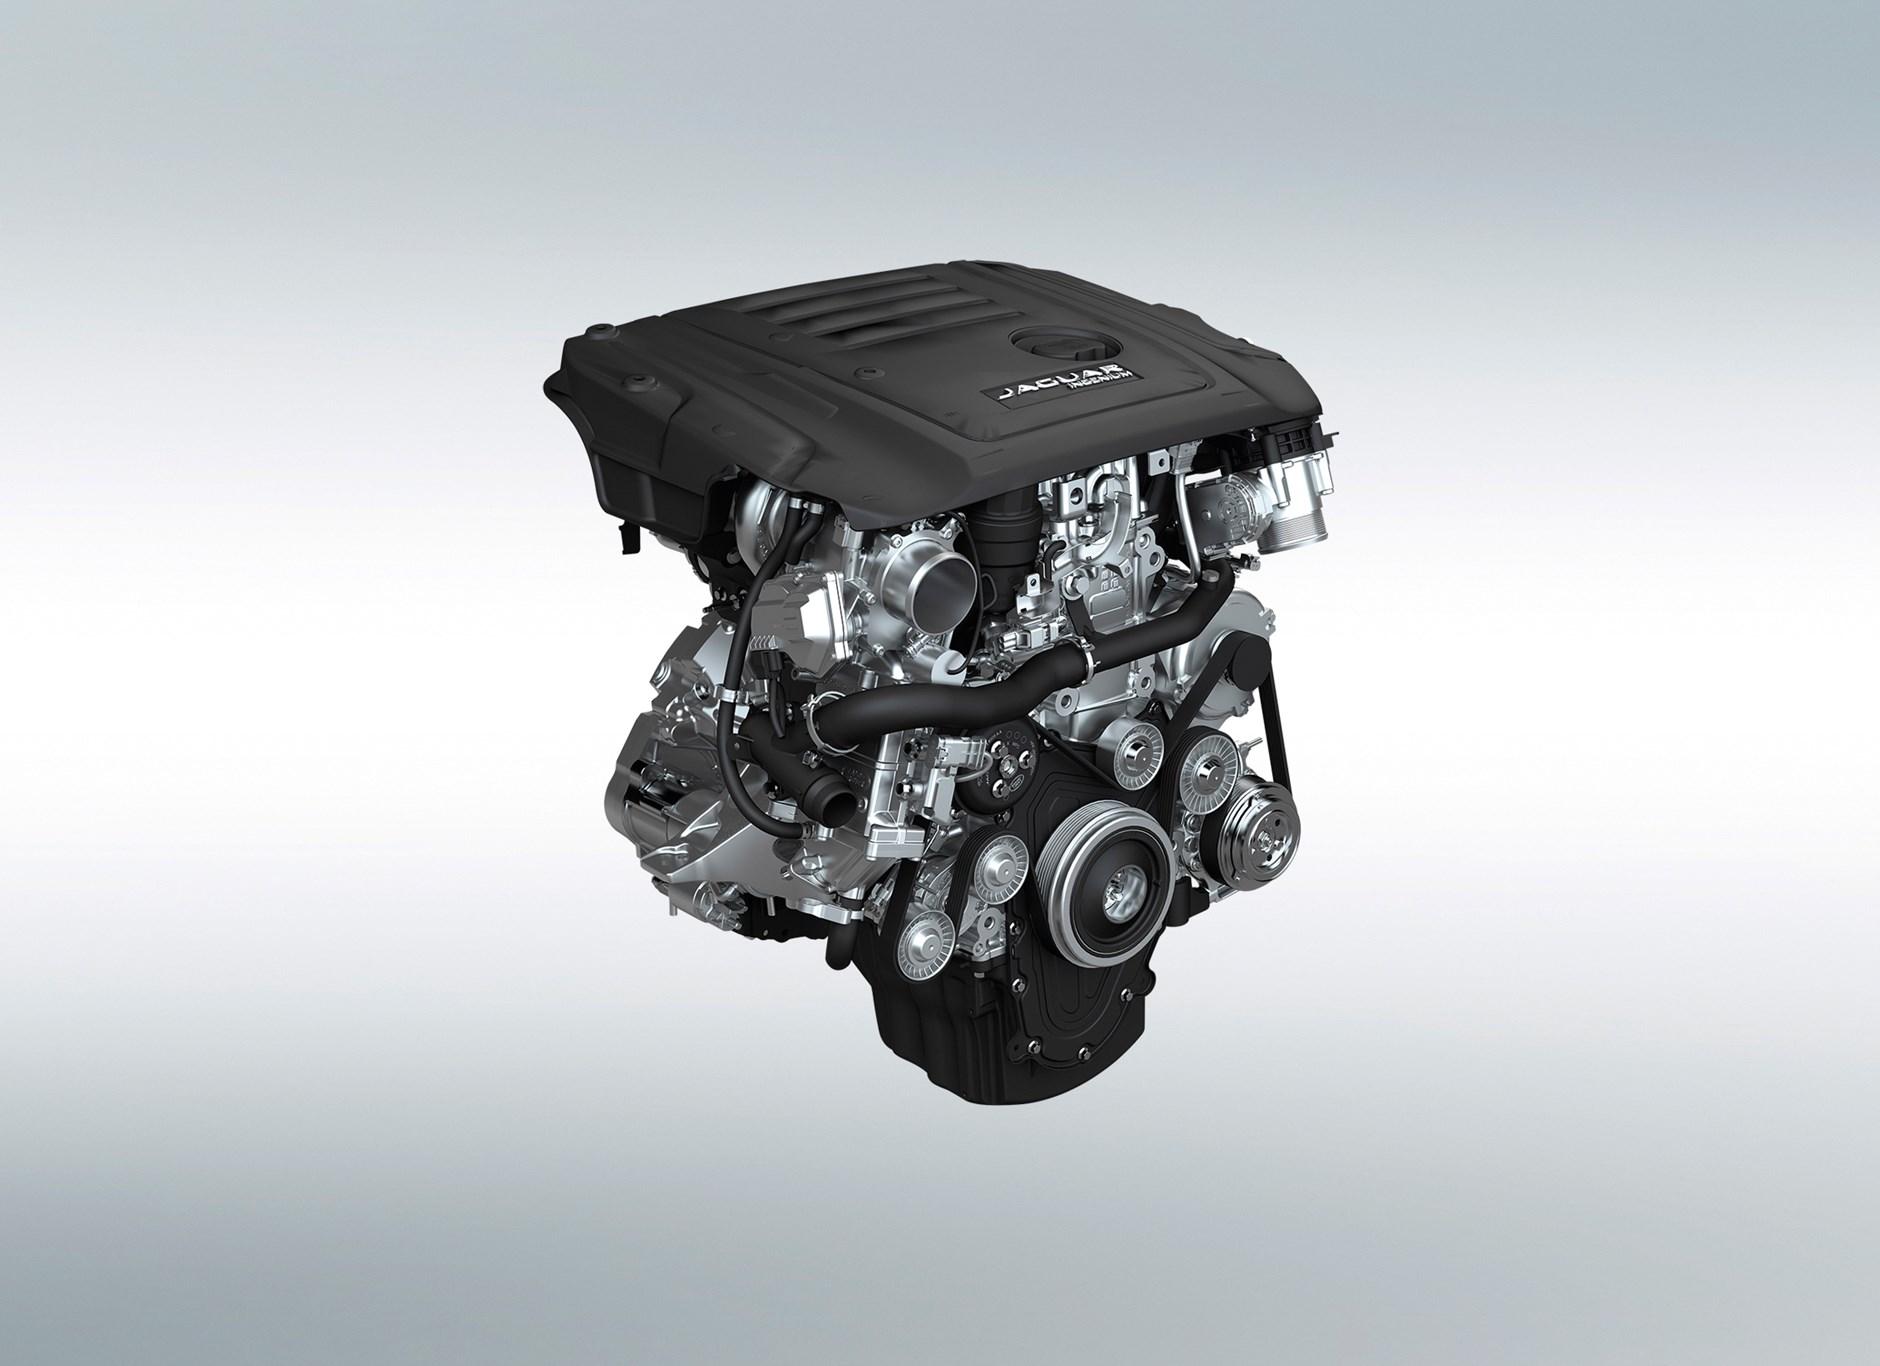 2018 jaguar hybrid. brilliant jaguar new engines for 2018 model year jaguars intended jaguar hybrid